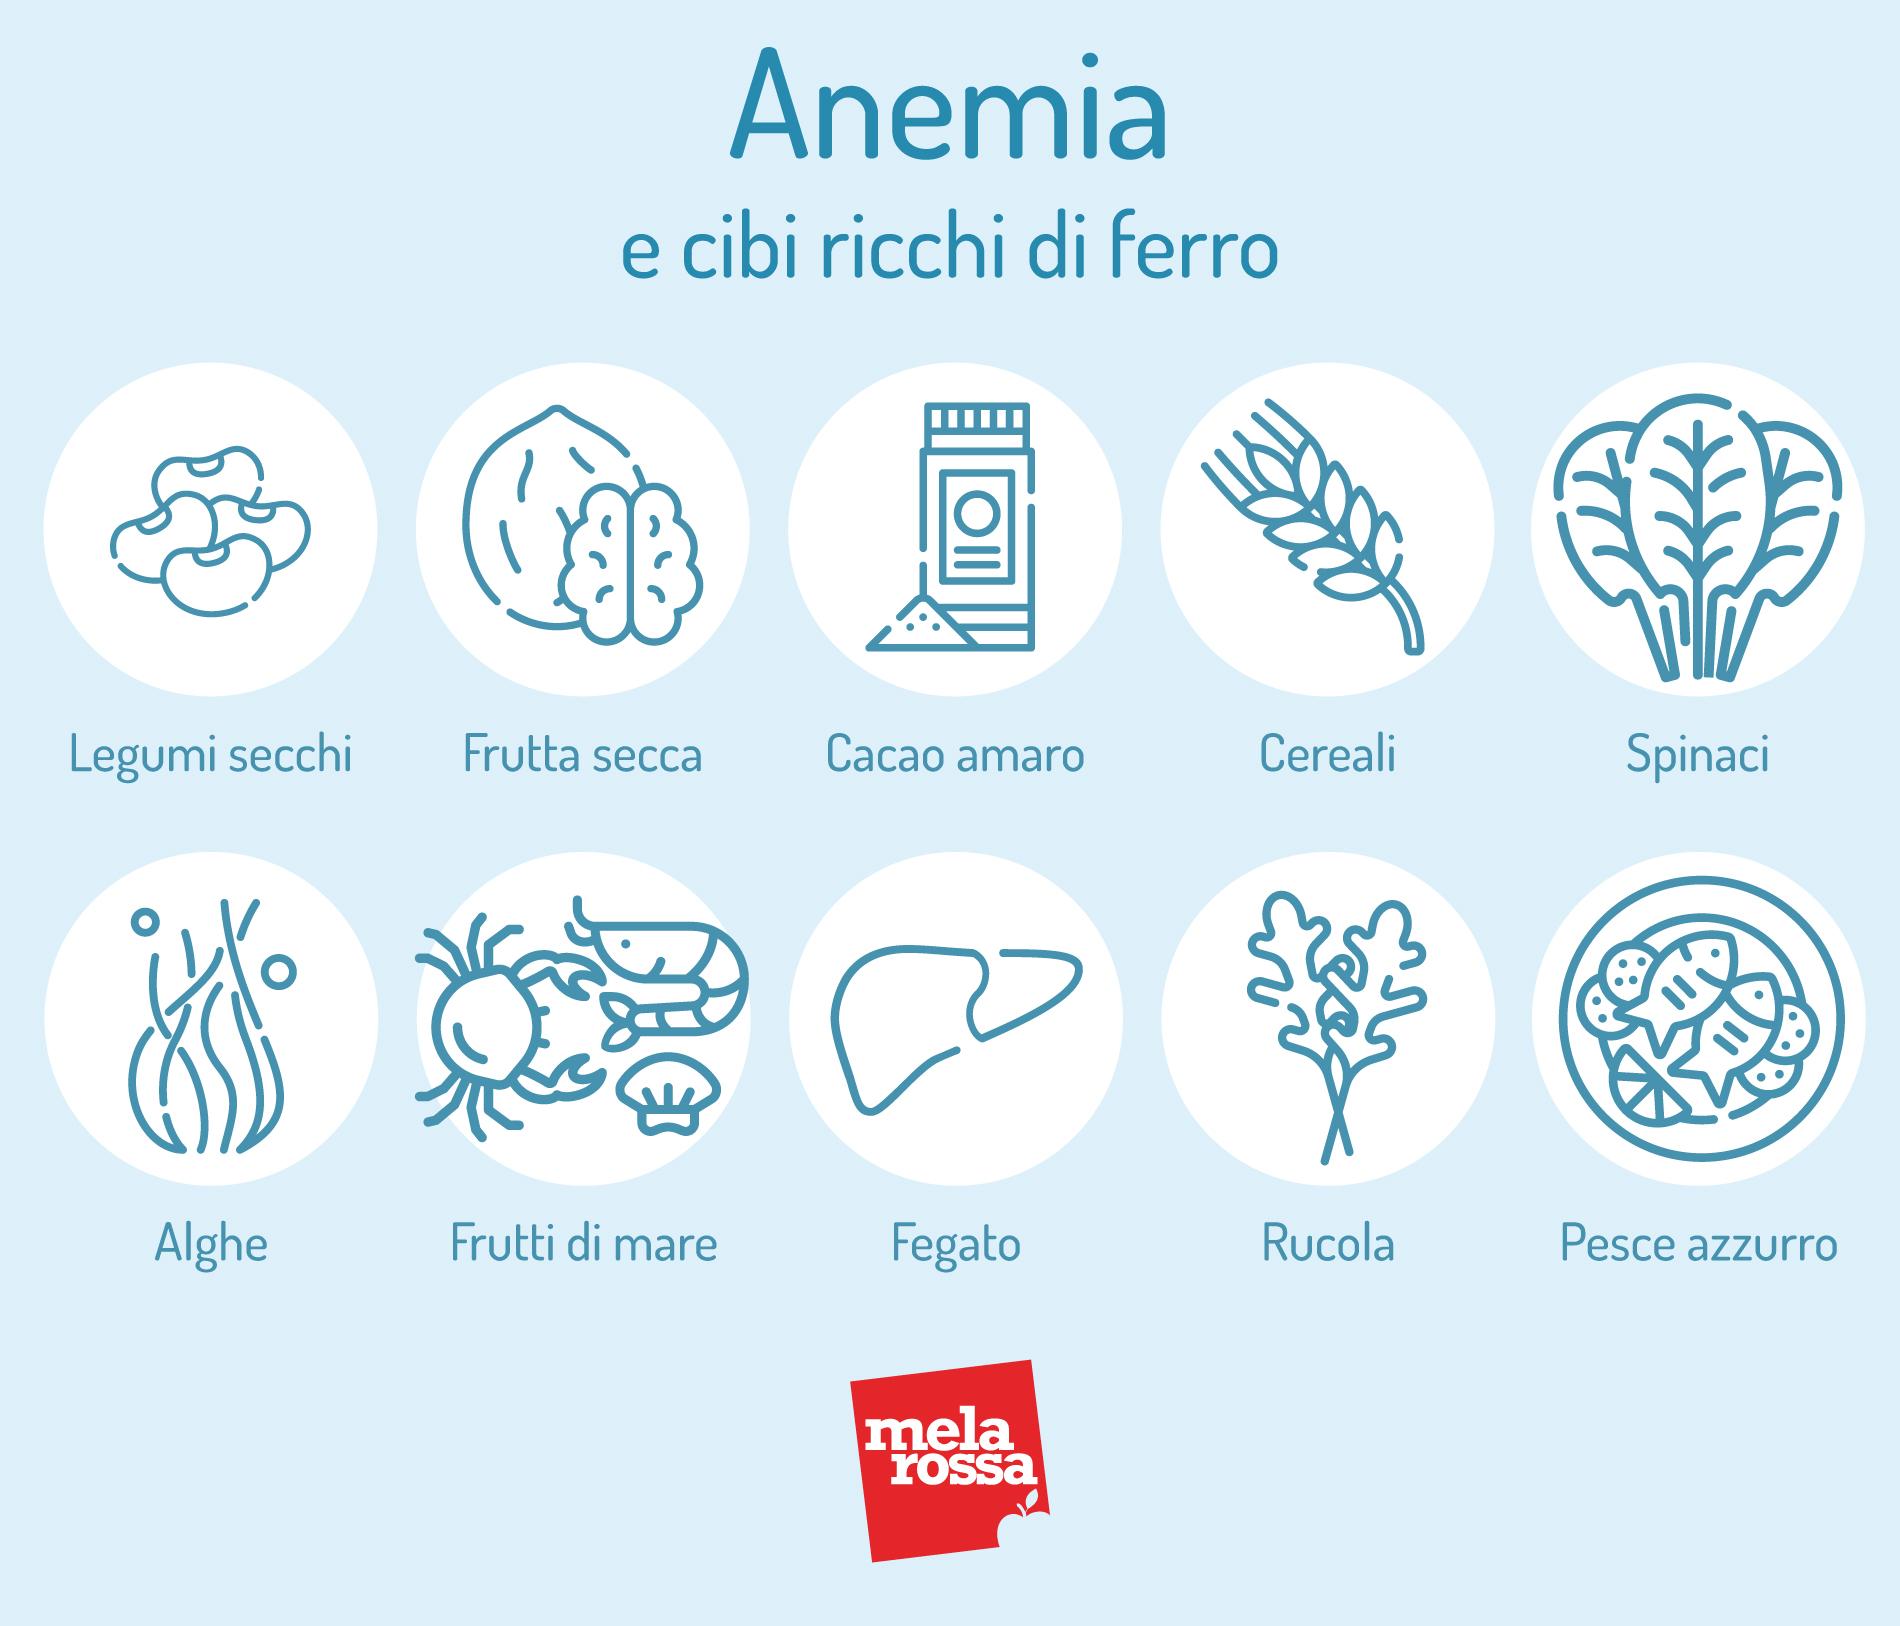 Anemia e cibi ricchi di ferro